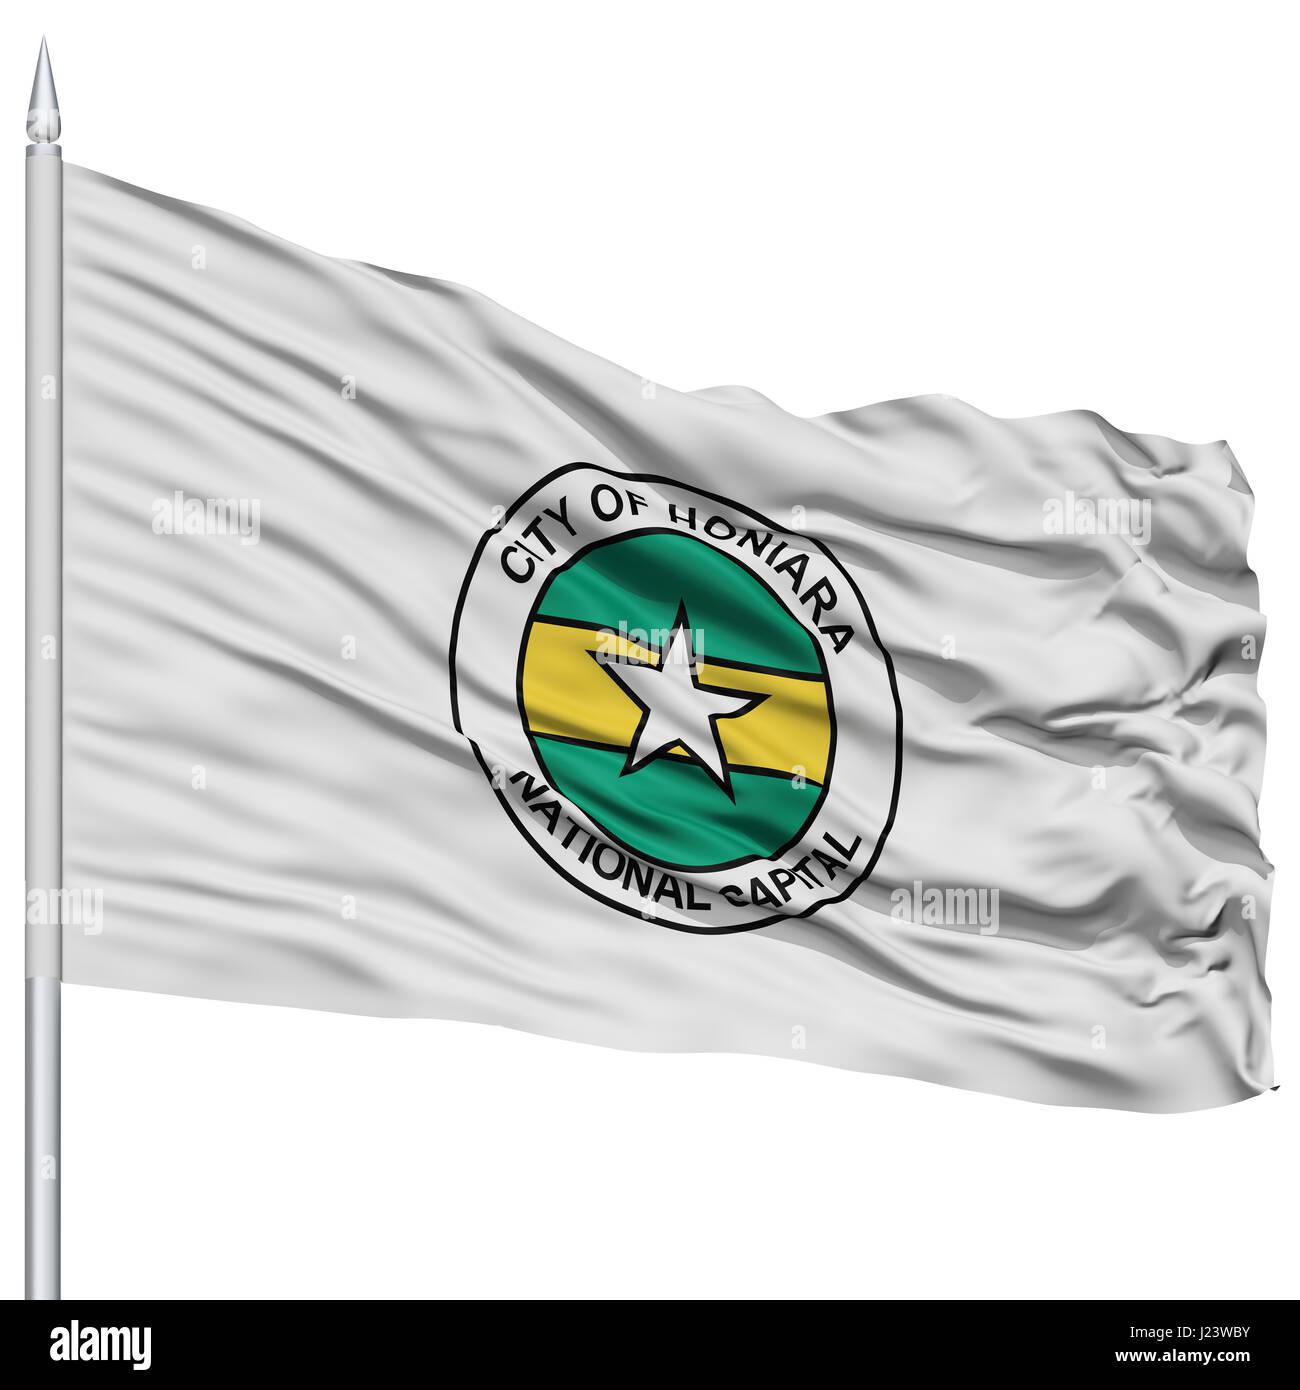 Honiara City Flag on Flagpole - Stock Image